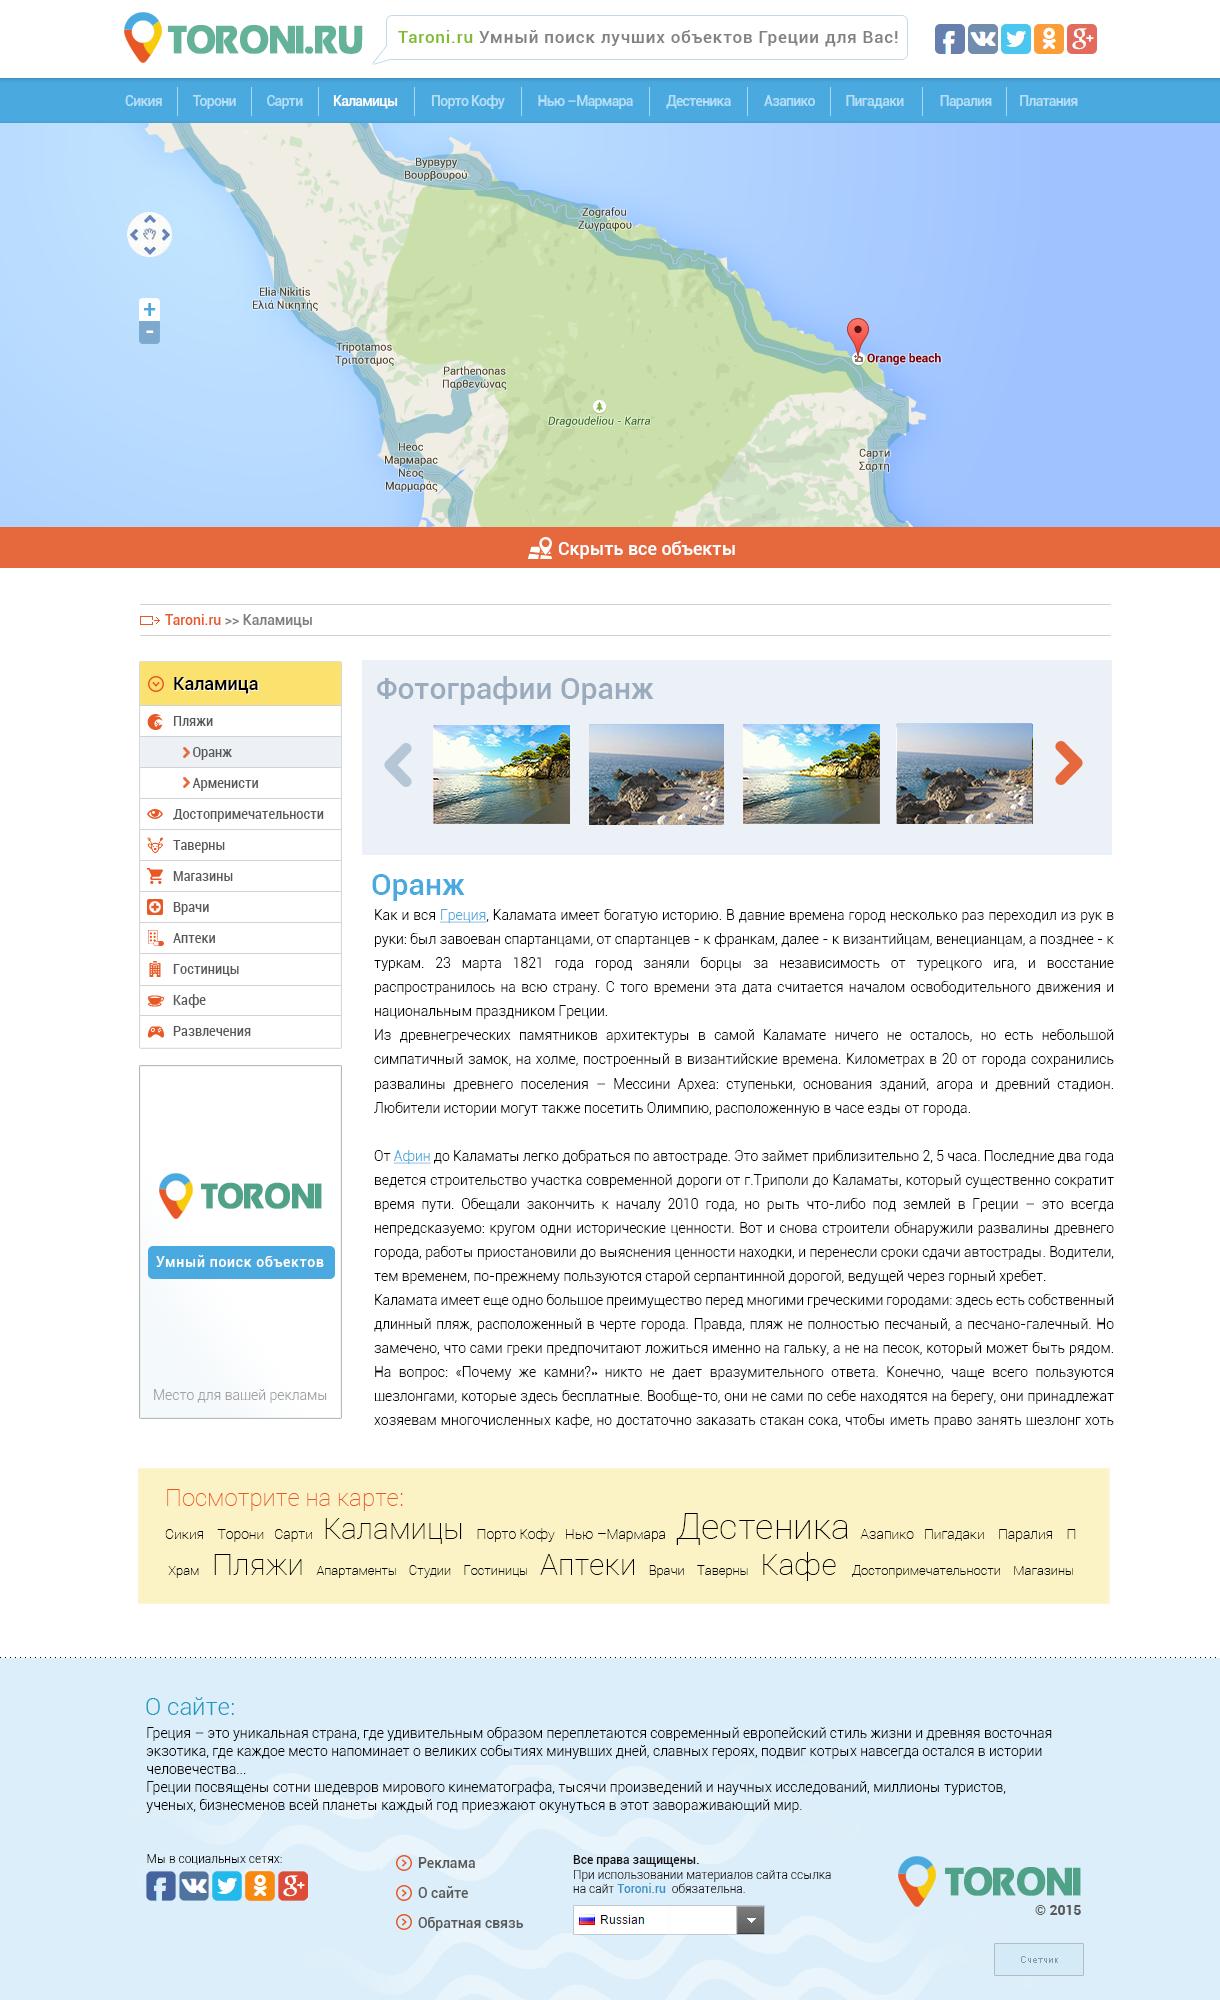 Toroni.ru (Туристические рассказы)